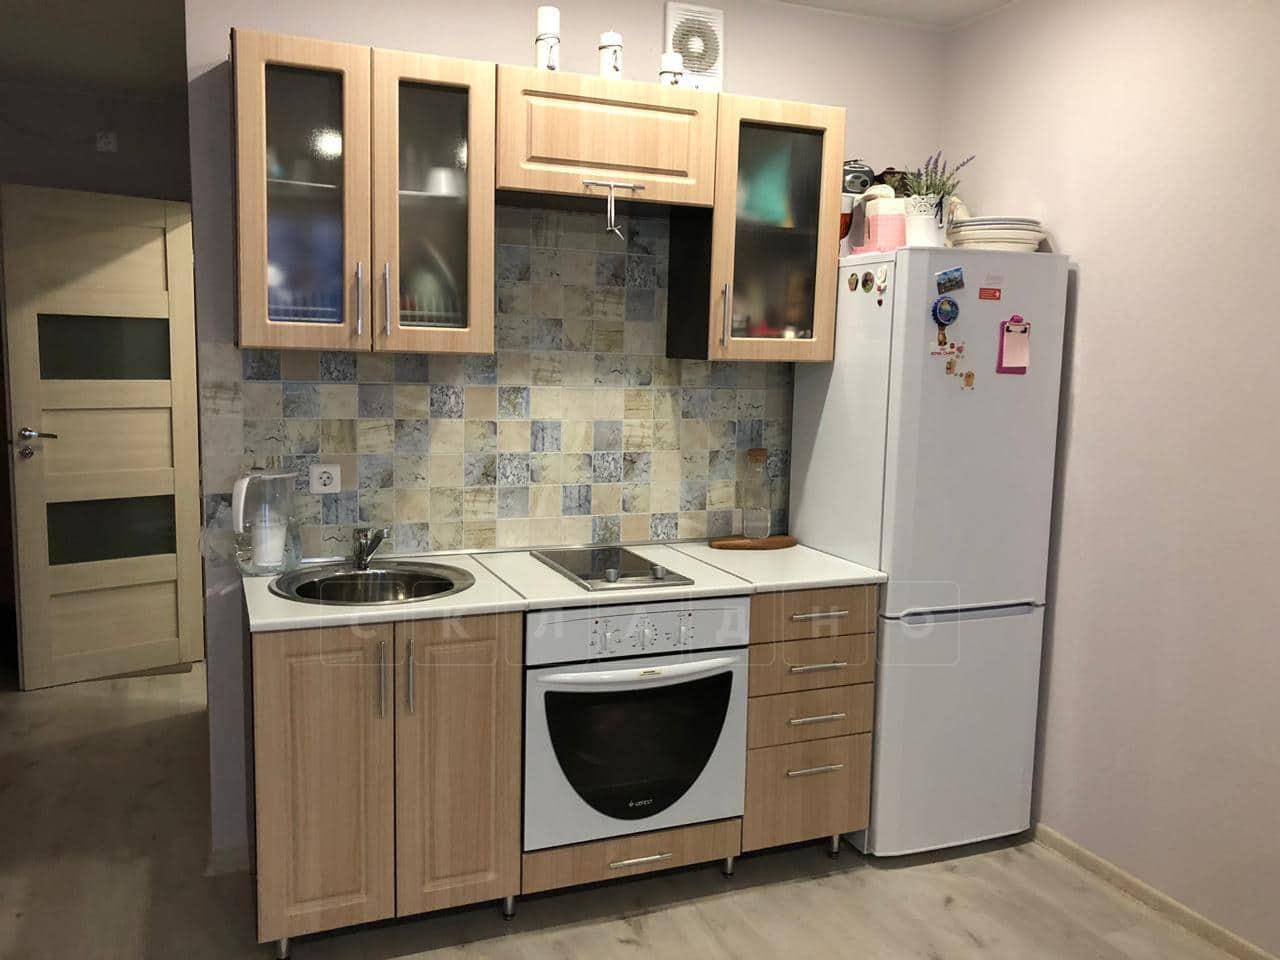 Кухонный гарнитур Венеция 2,0м фото 5 | интернет-магазин Складно